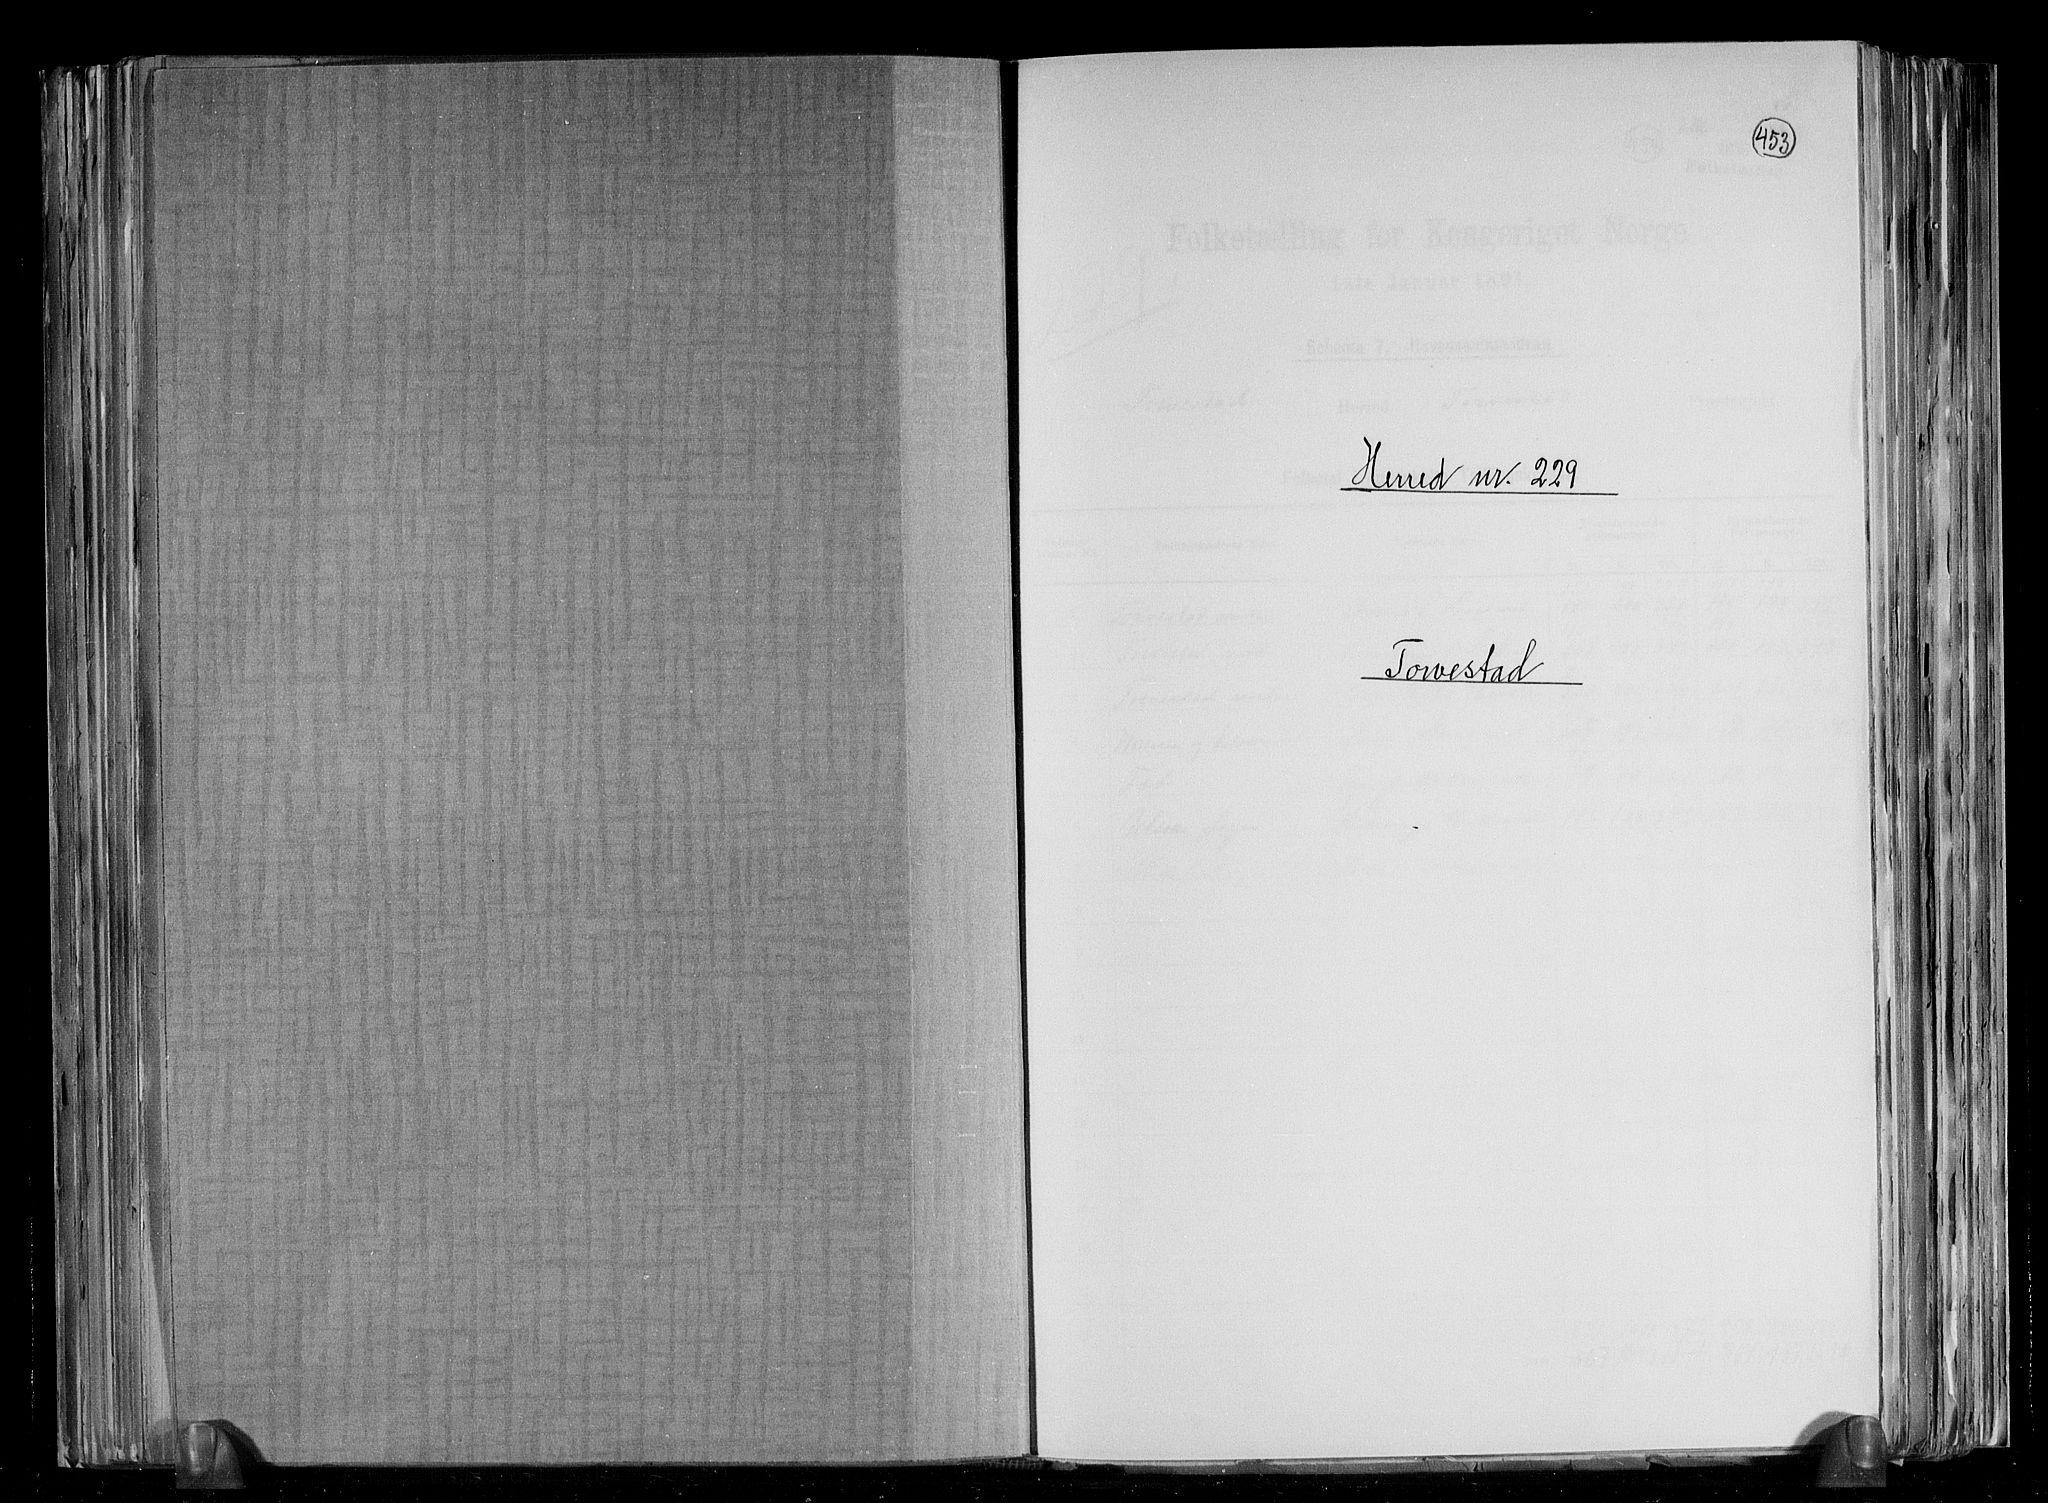 RA, Folketelling 1891 for 1152 Torvastad herred, 1891, s. 1